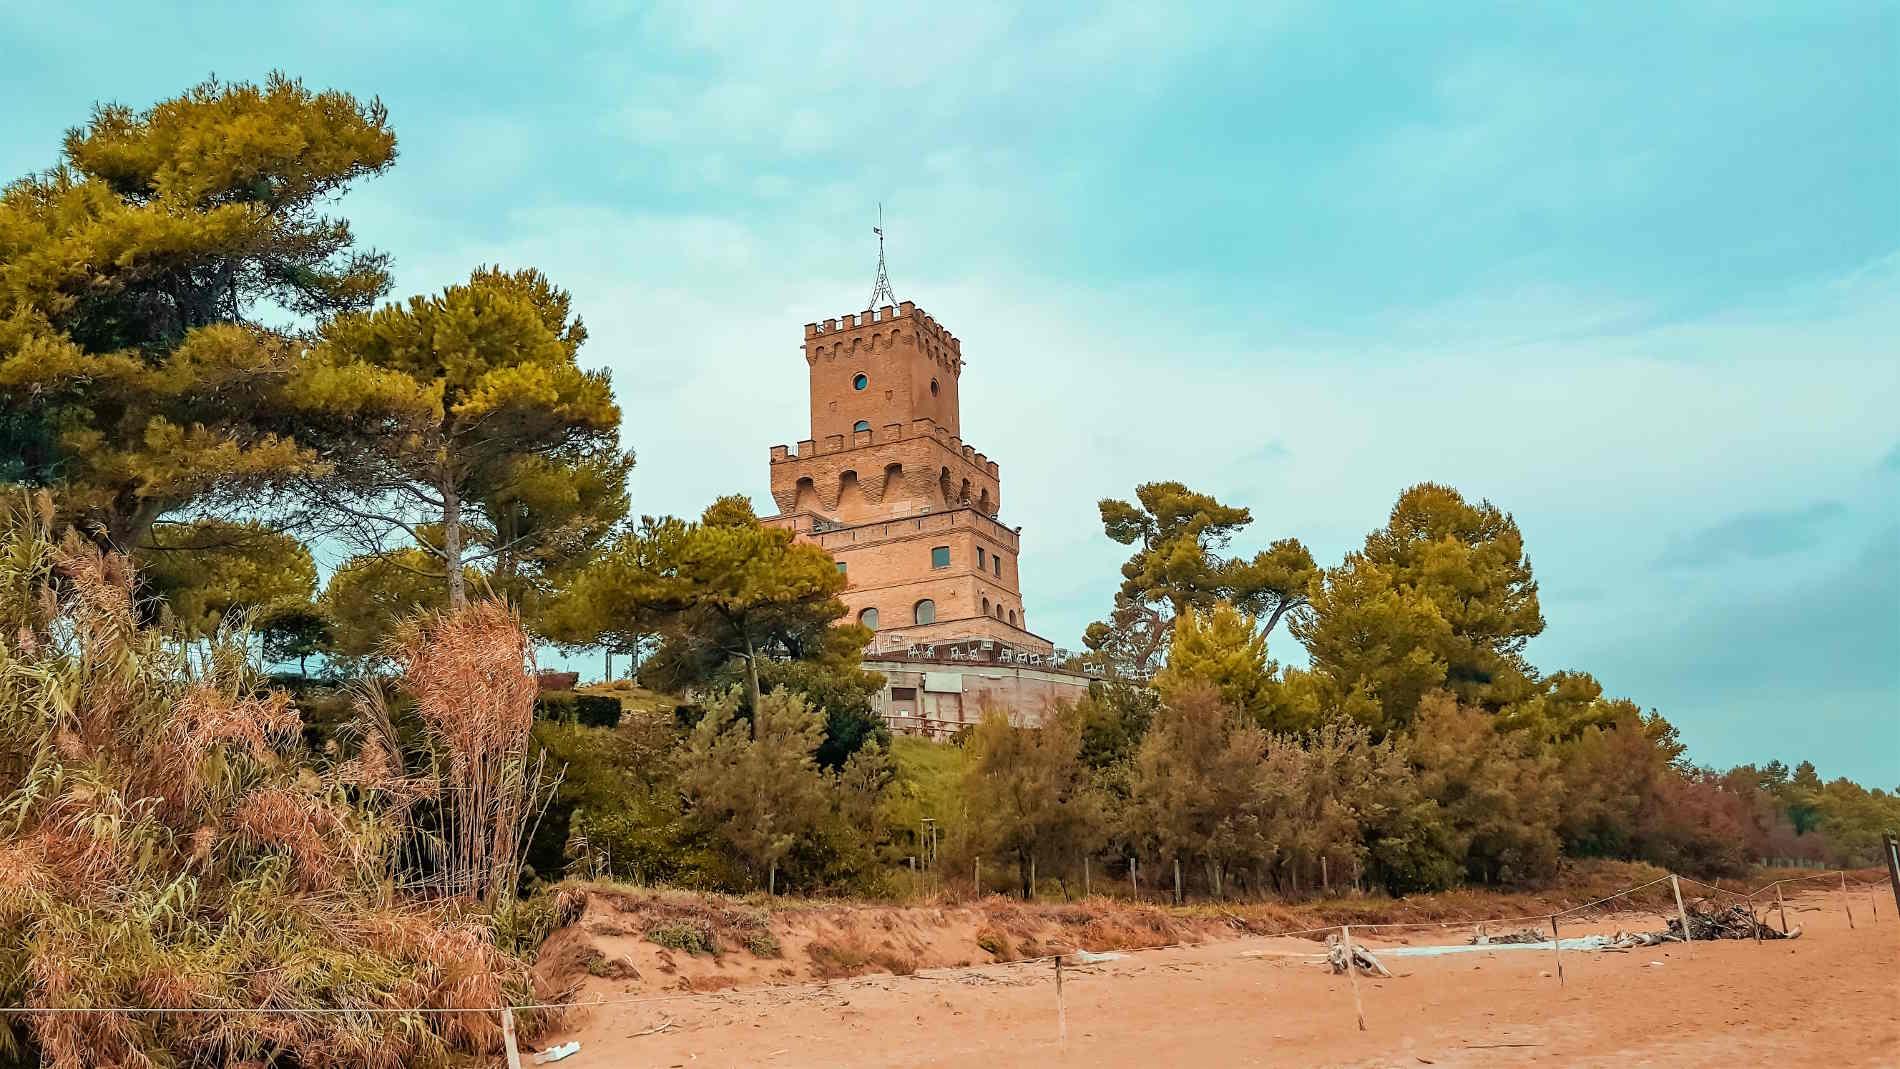 Torre di Cerrano